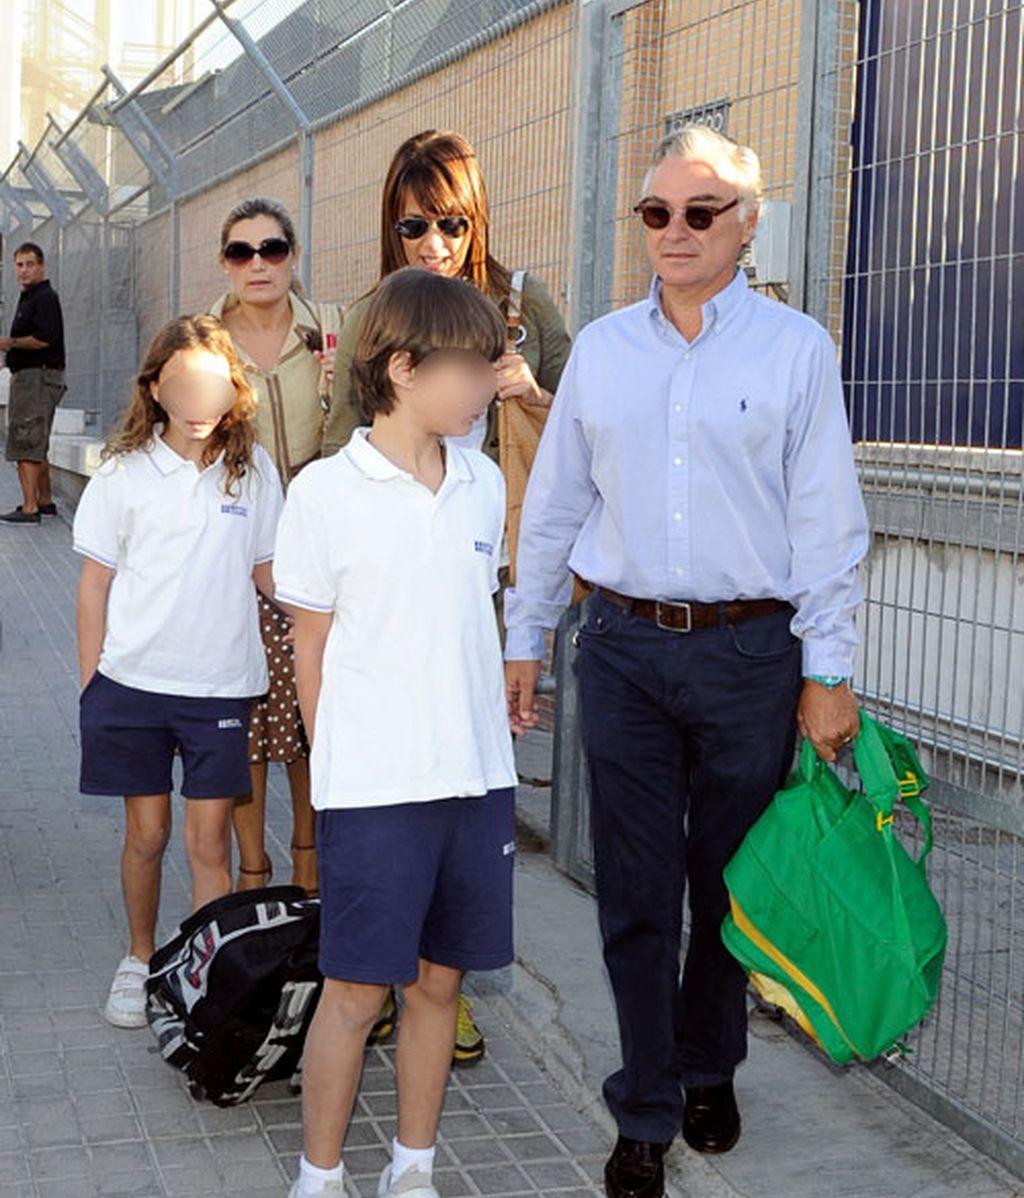 Formas de llevar los libros al cole, según los hijos de los famosos